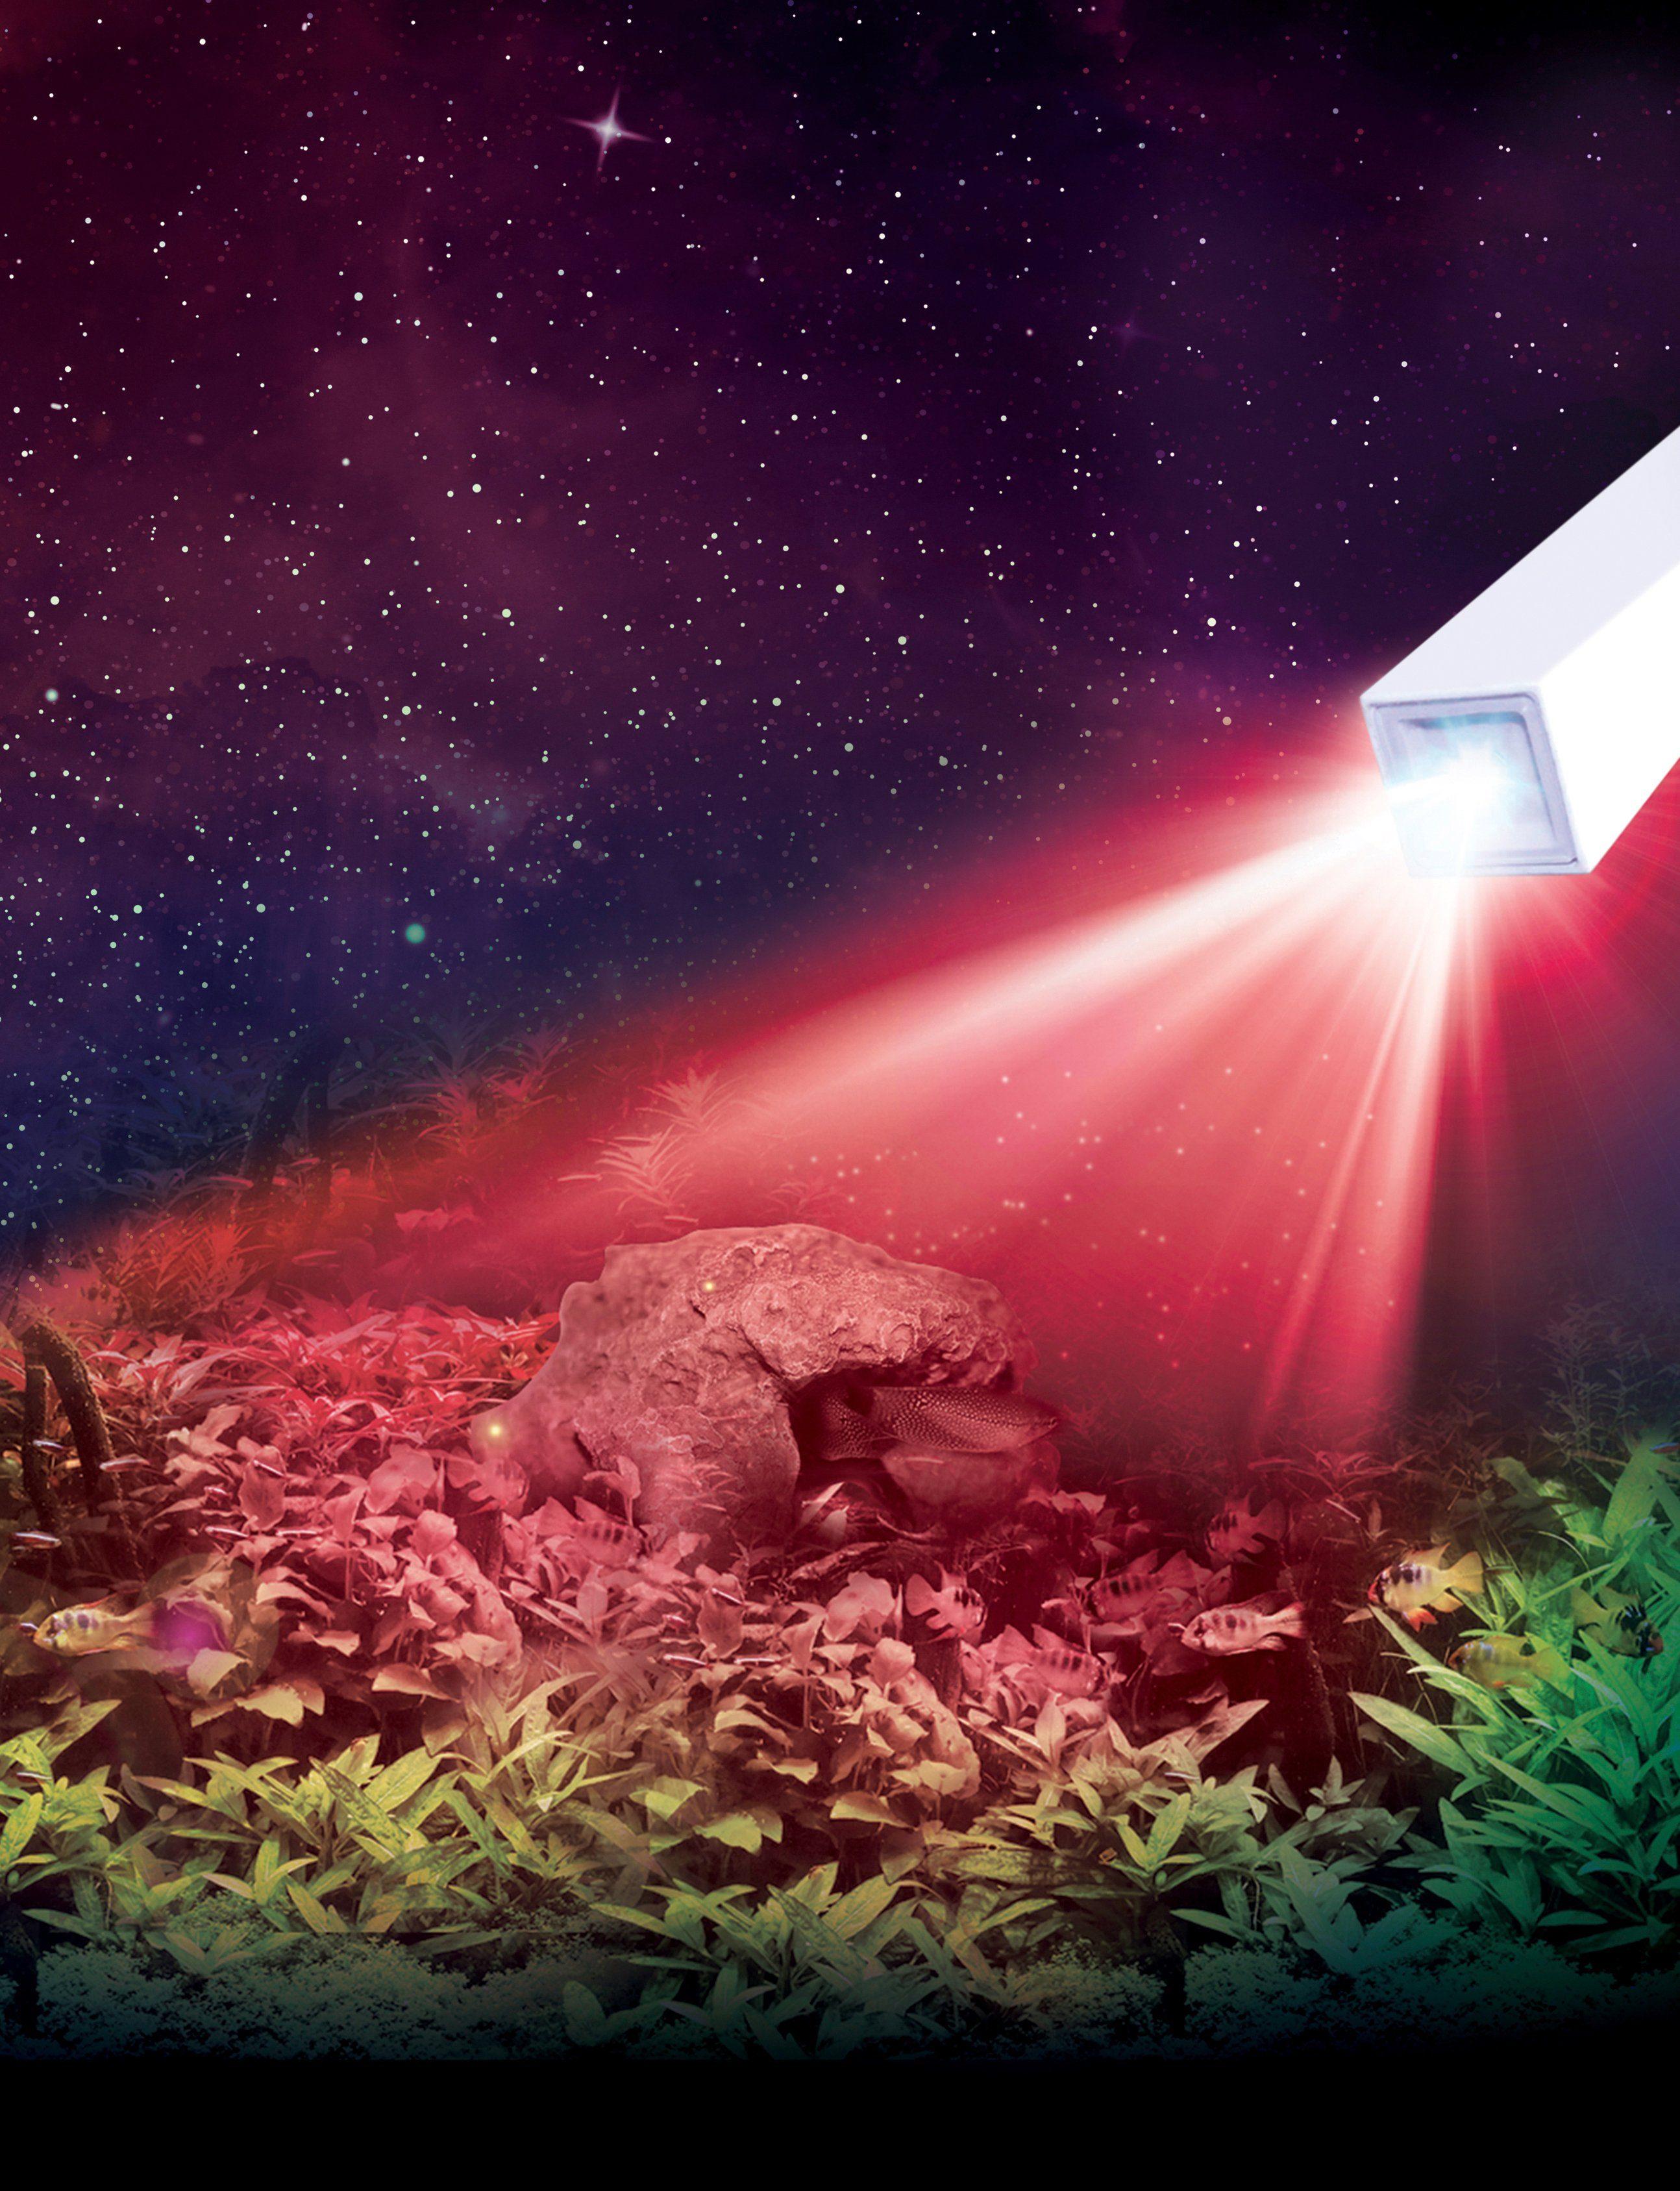 Fluval LED-Aquarien-Beleuchtung »PRISM Keramik LED Spot«